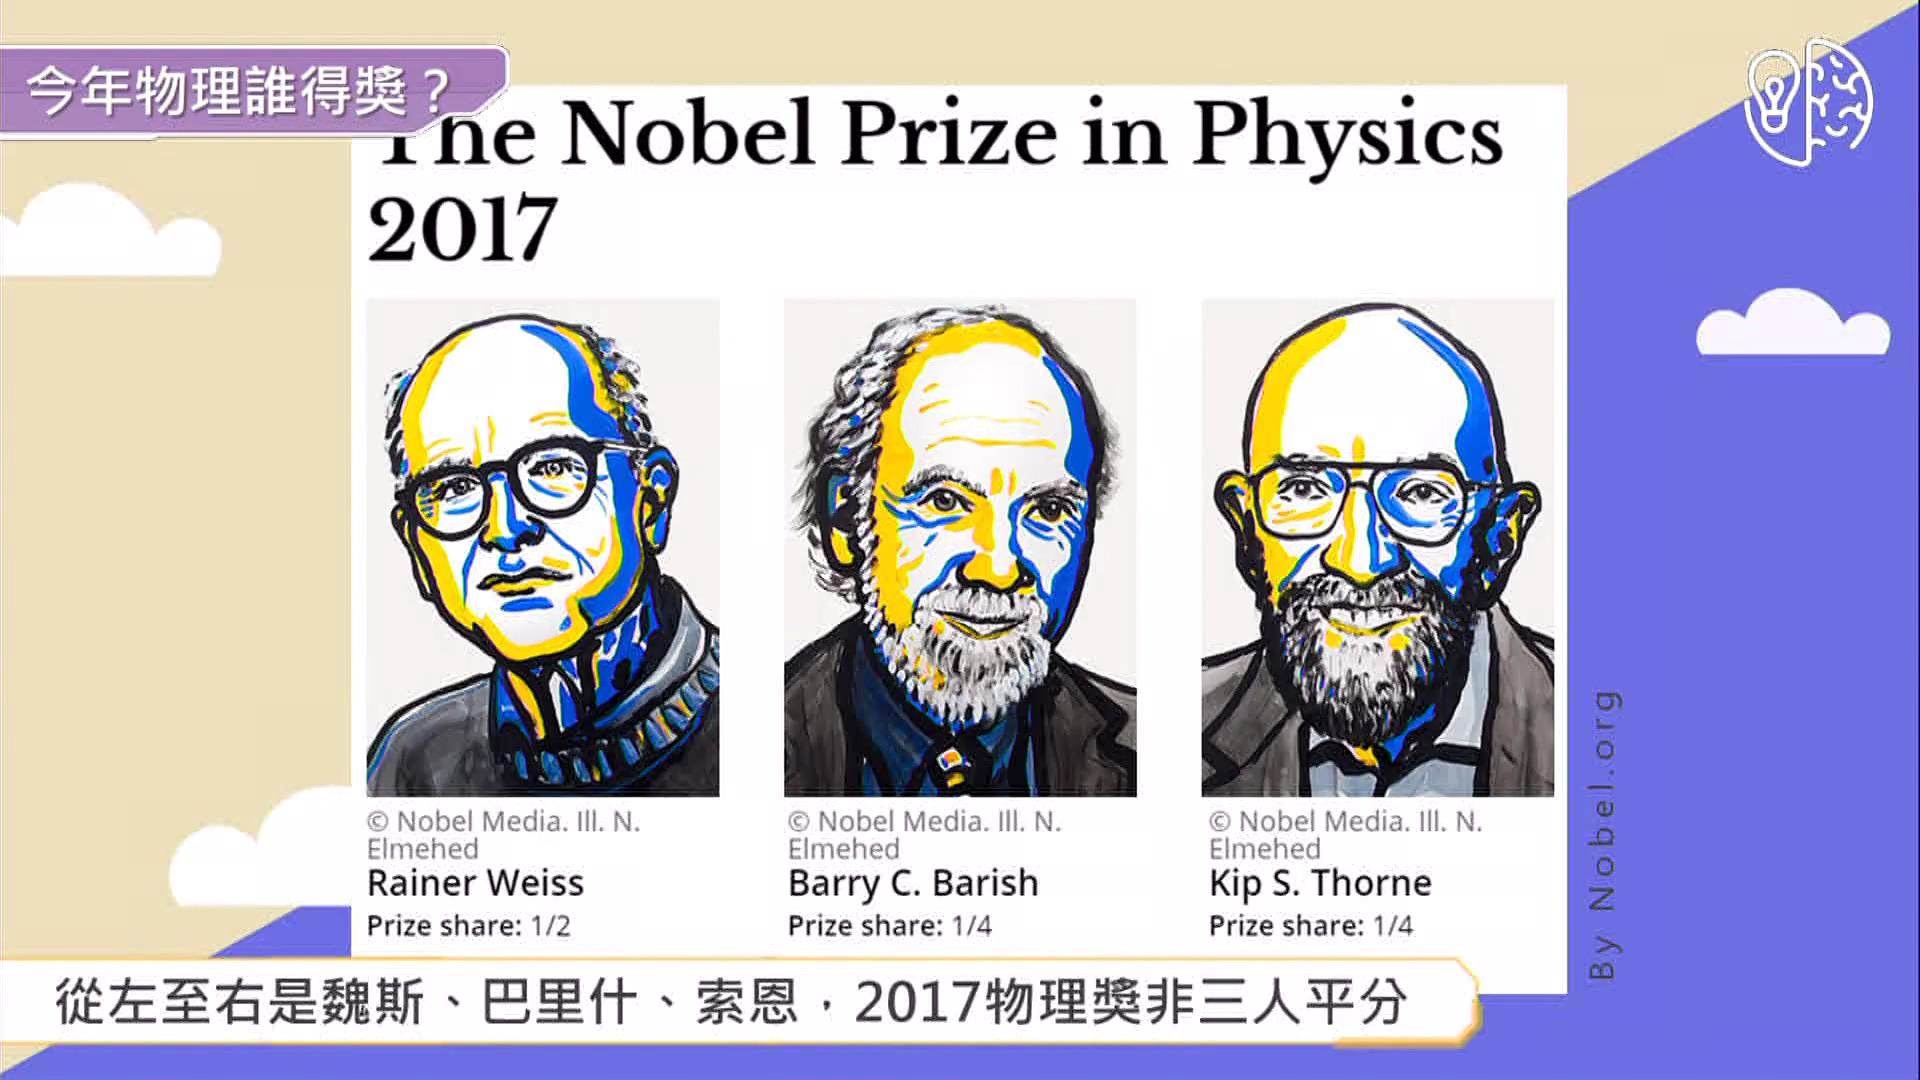 2017年諾貝爾物理獎得主畫像